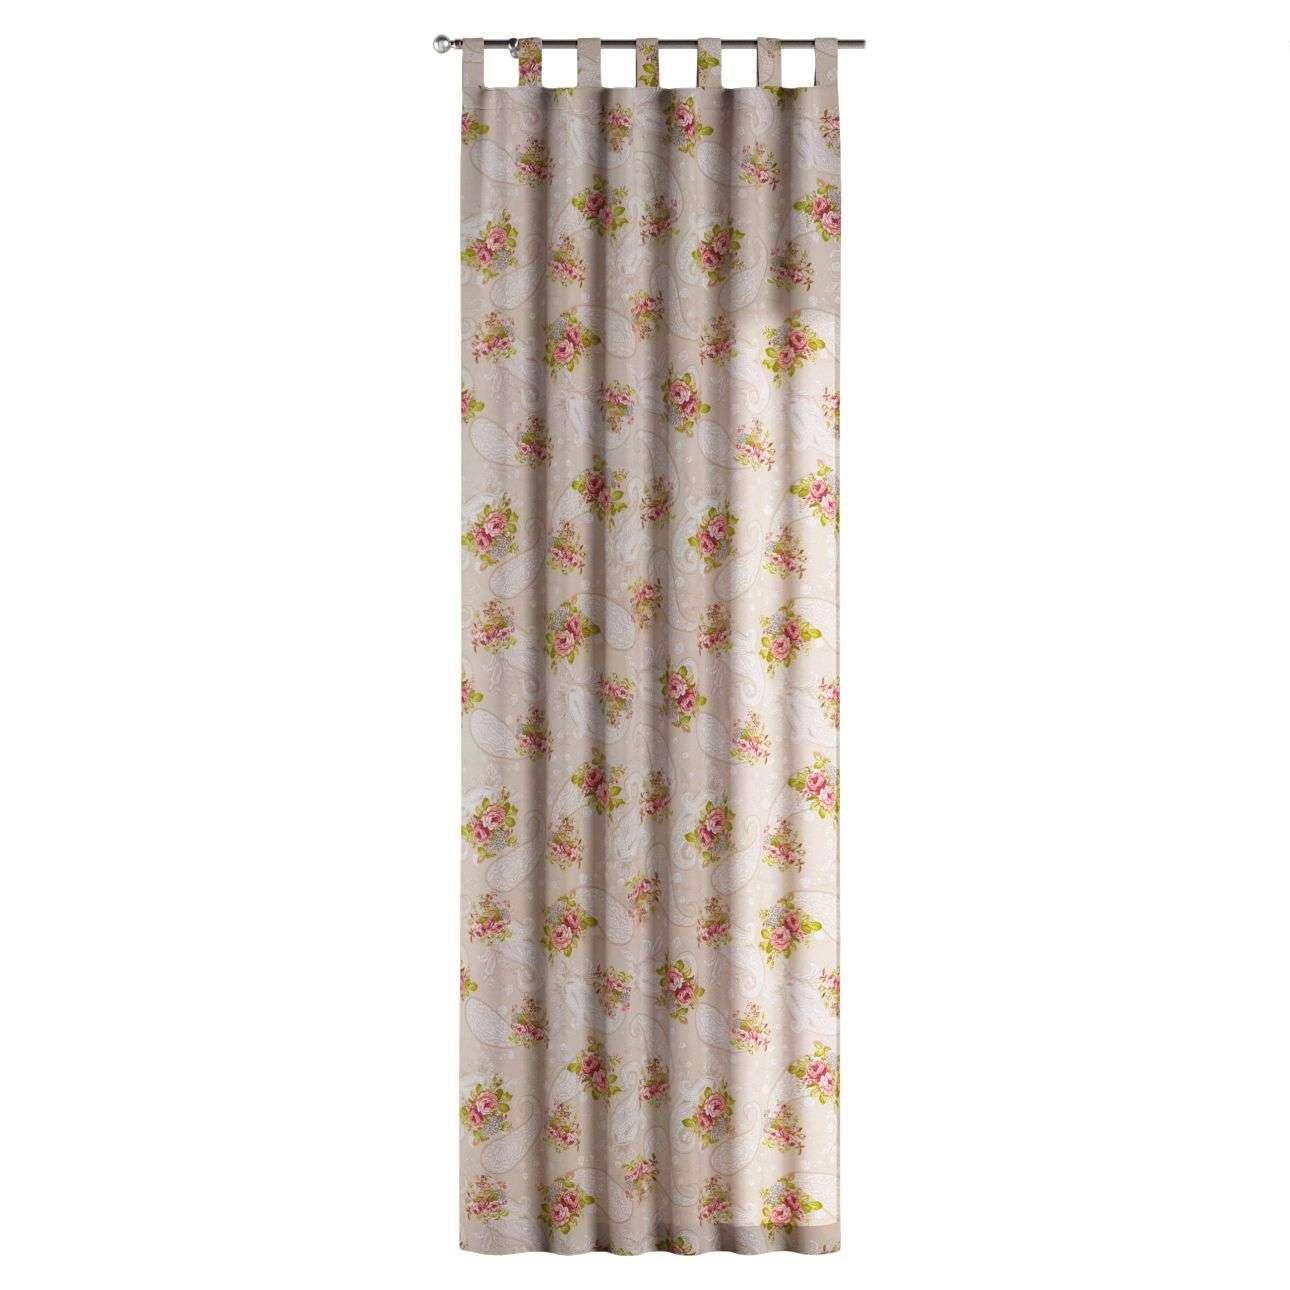 Kilpinio klostavimo užuolaidos 130 x 260 cm (plotis x ilgis) kolekcijoje Flowers, audinys: 311-15